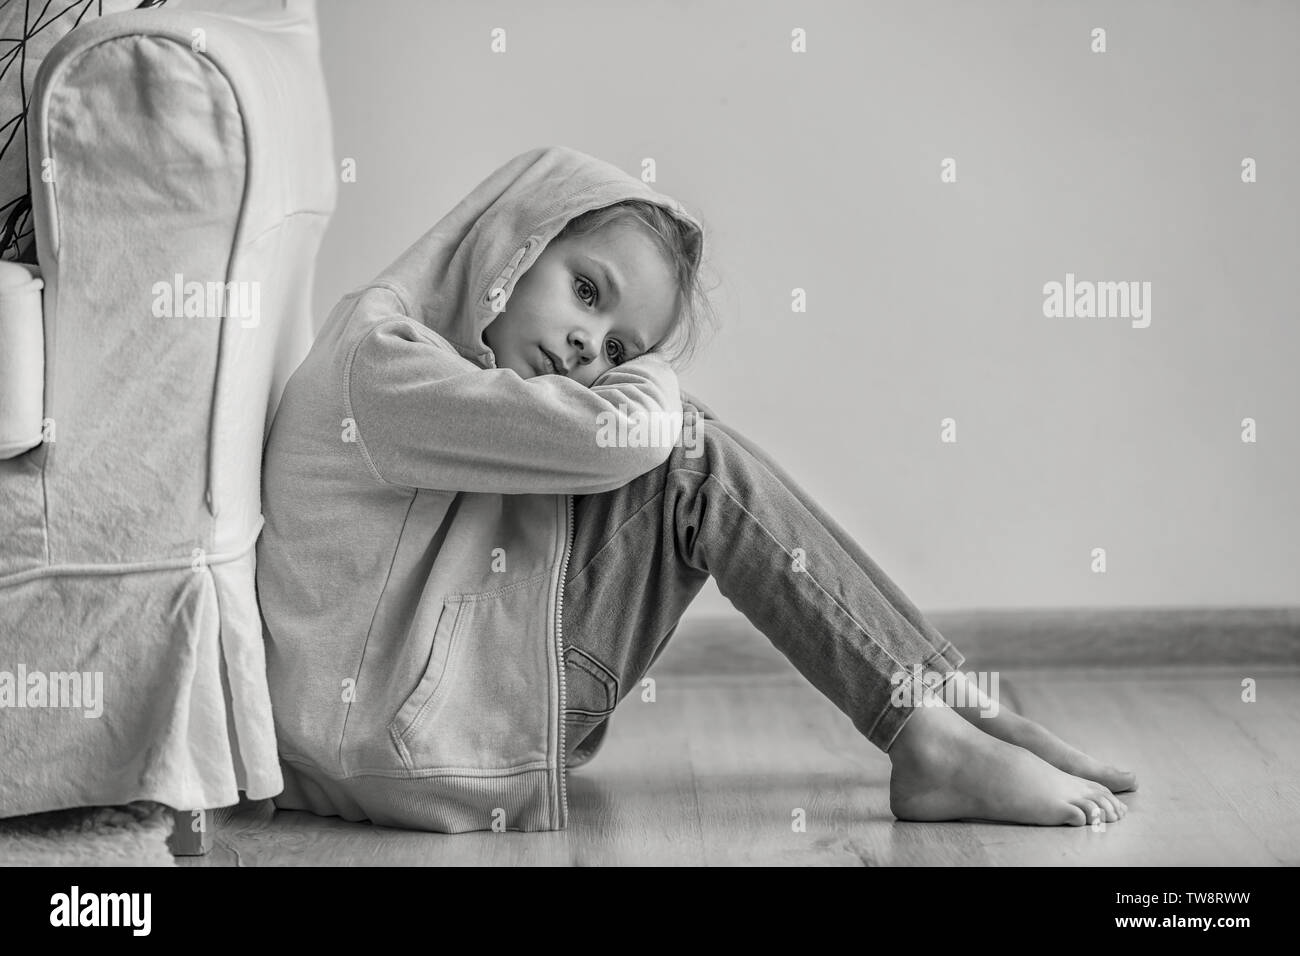 Trauriges kleines Mädchen sitzt auf dem Boden in Innenräumen, Schwarzweiß-Effekt Stockbild